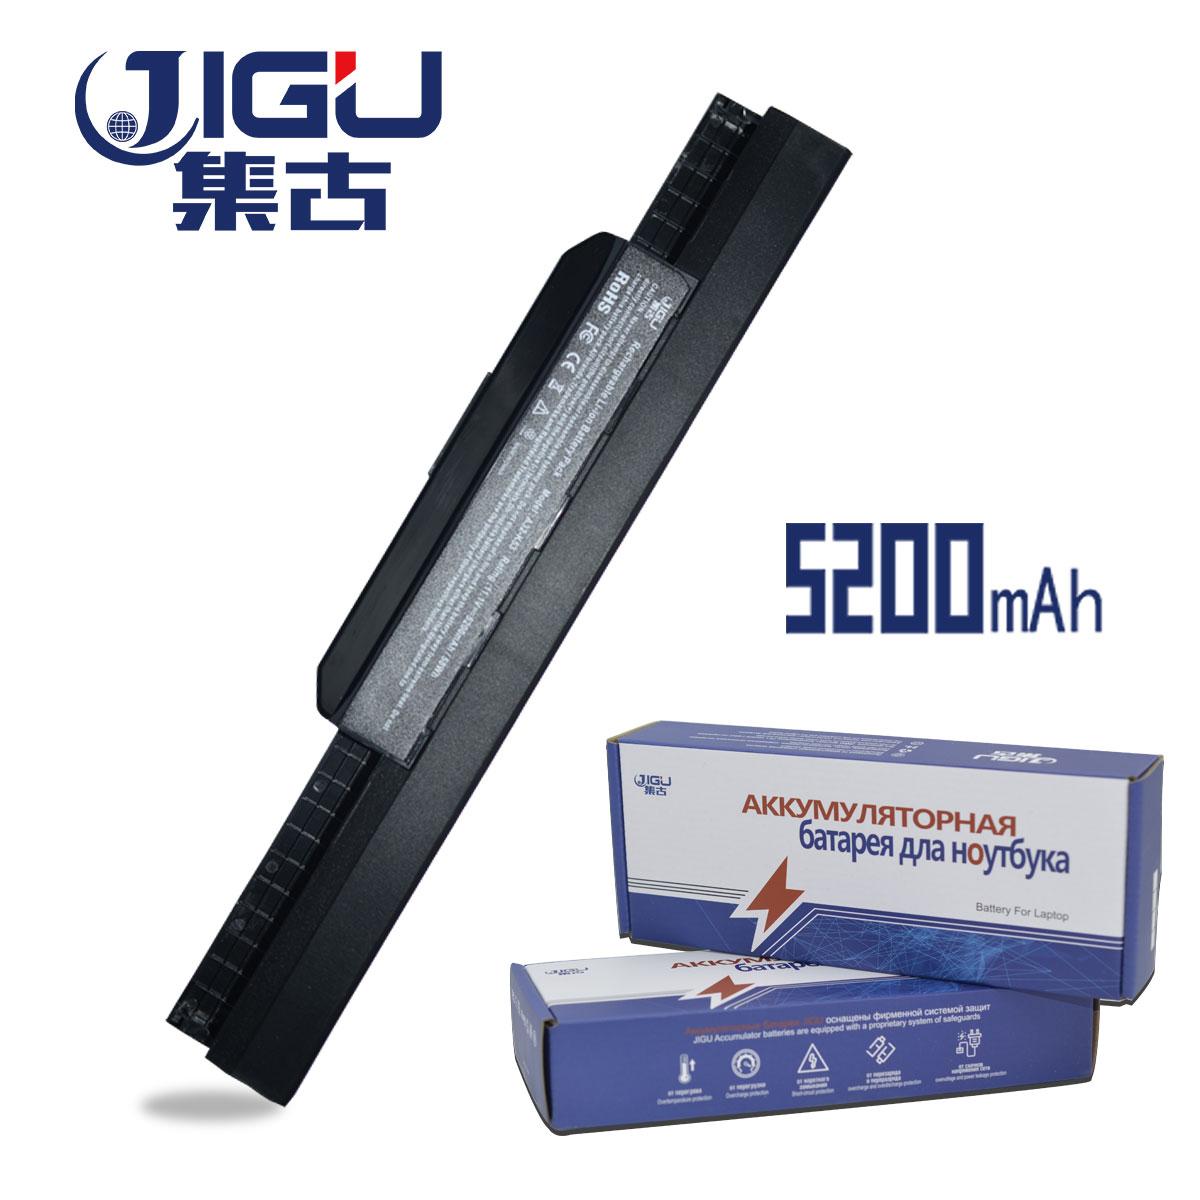 JIGU Laptop Battery A31-K53 A32-K53 A41-K53 A42-K53 For Asus x53s A43 A53s K43 K53 k53s k53U X43 A43B A53B K53B X43B Series new laptop for asus a53t k53u k53b x53u k53t k53t k53 x53b k53ta k53z top lcd plamrst cover bottom cover hinges speaker jack